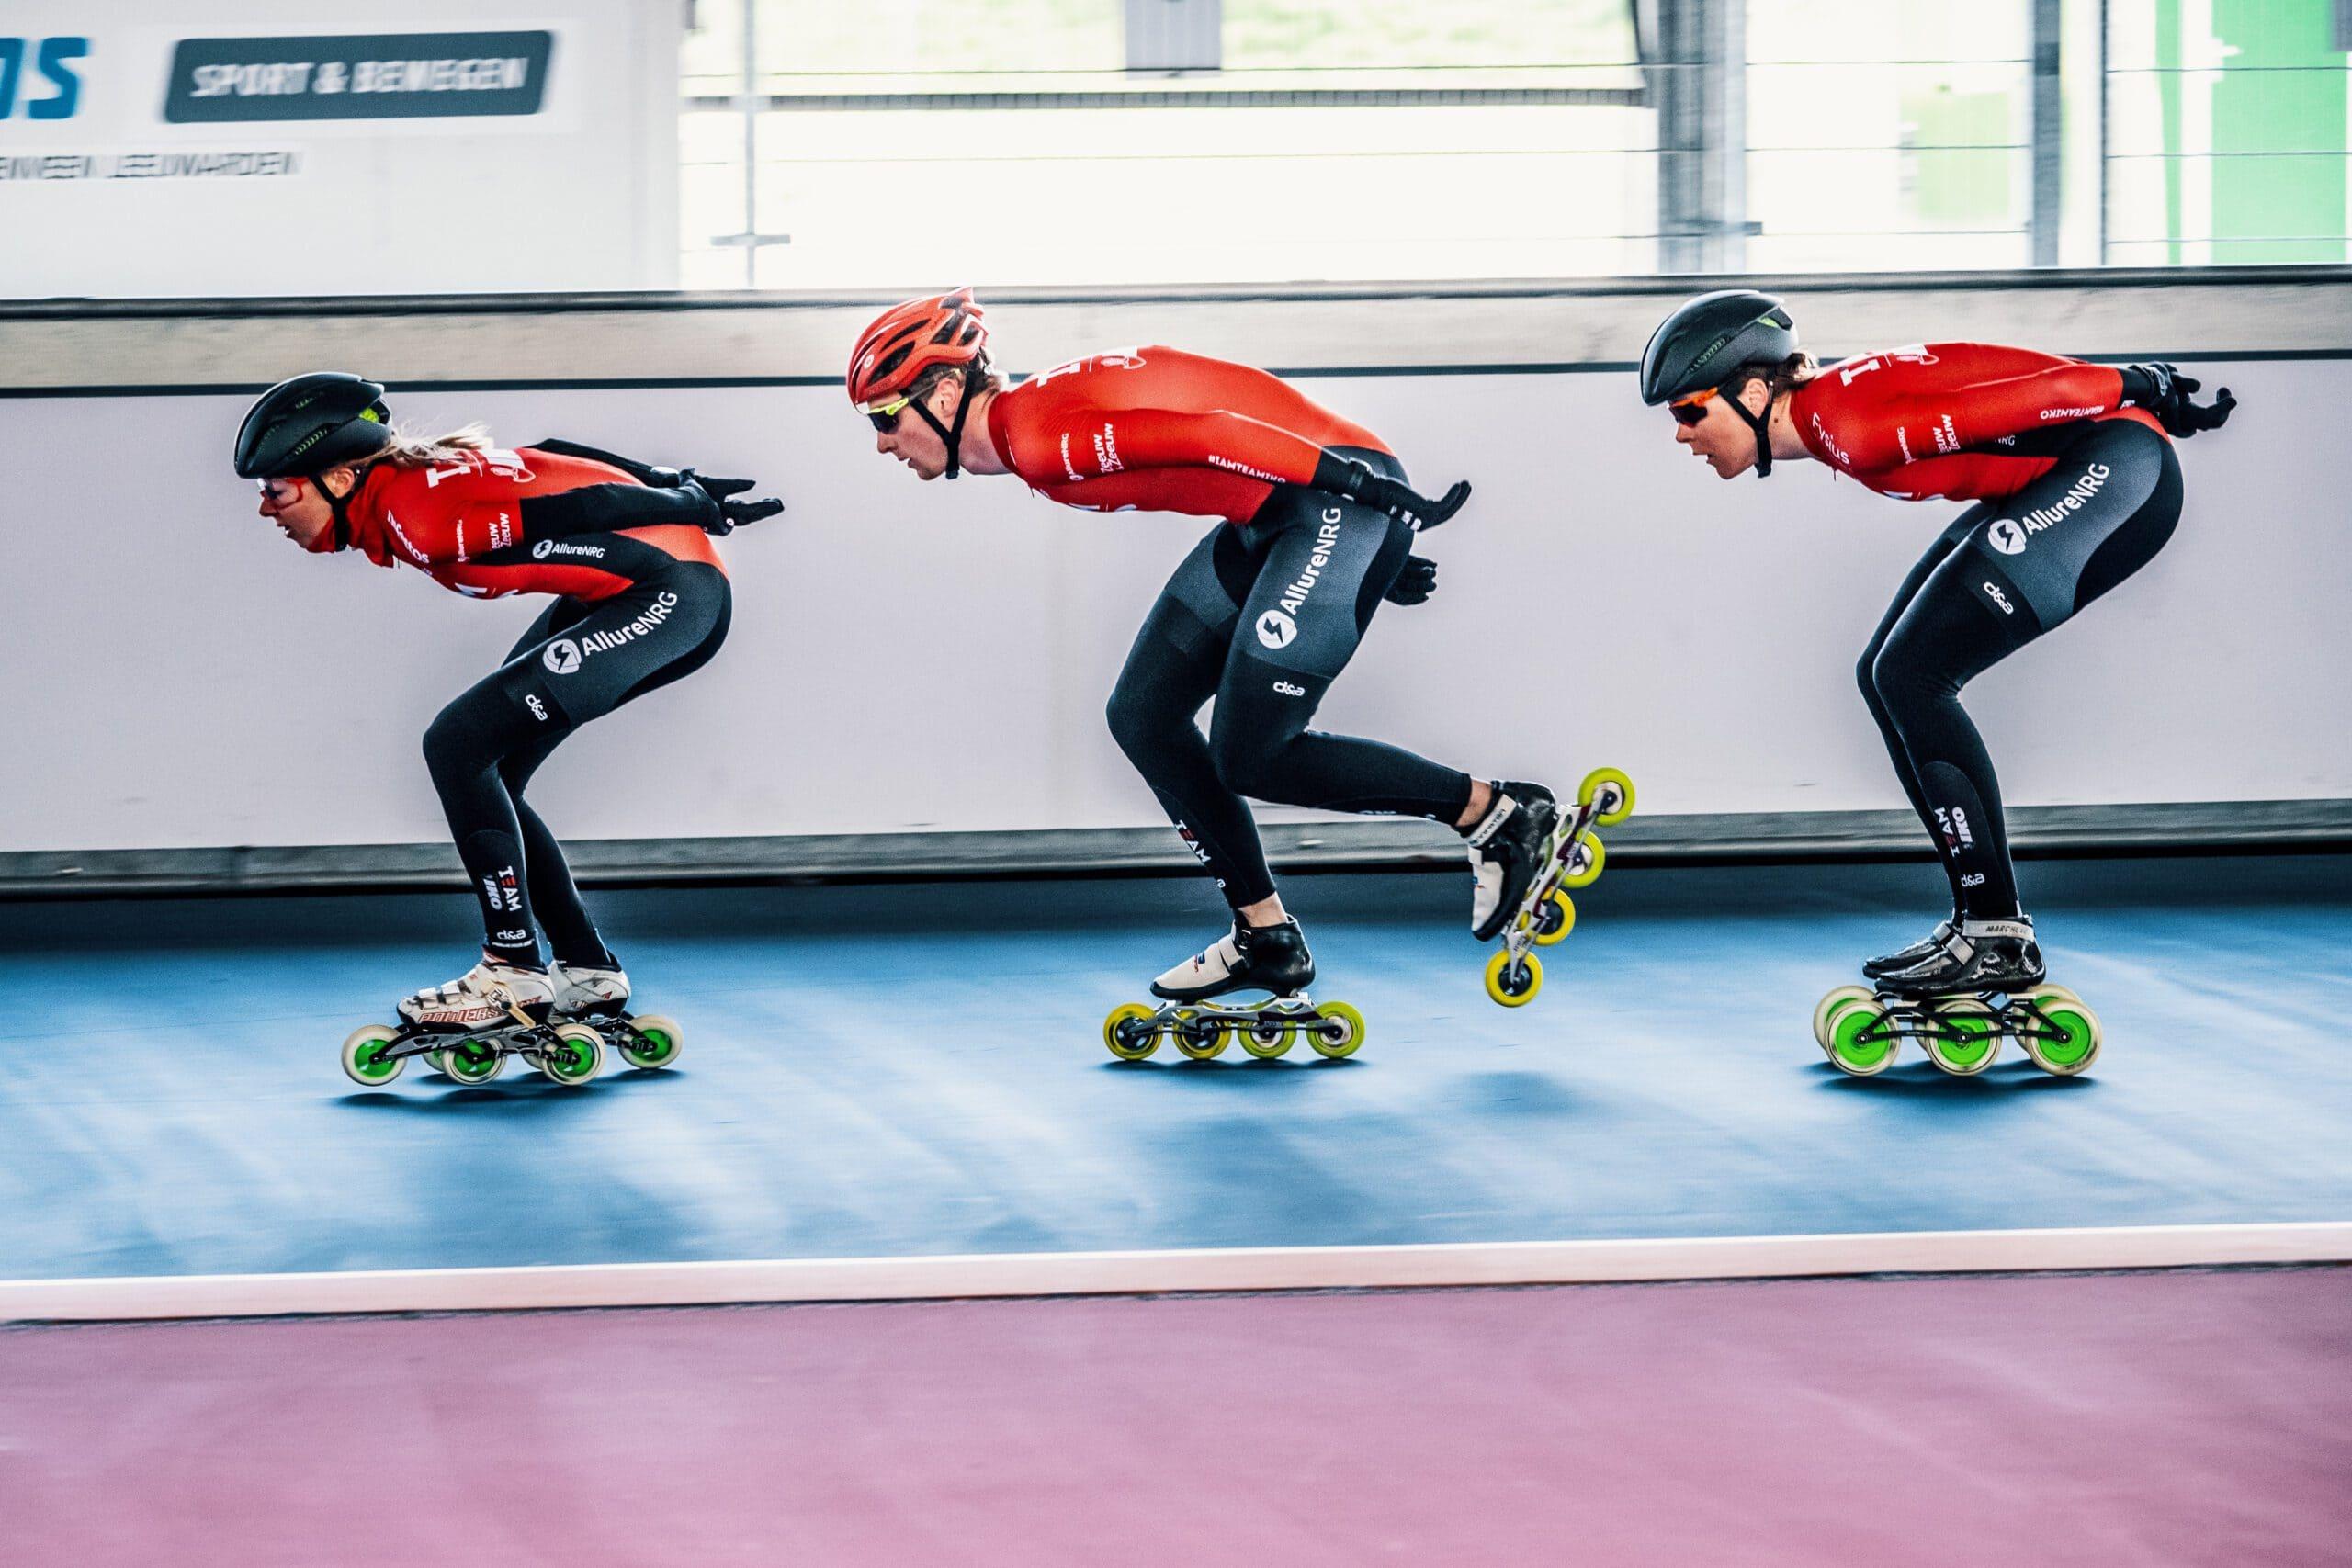 AllureNRG sponsor Team IKO